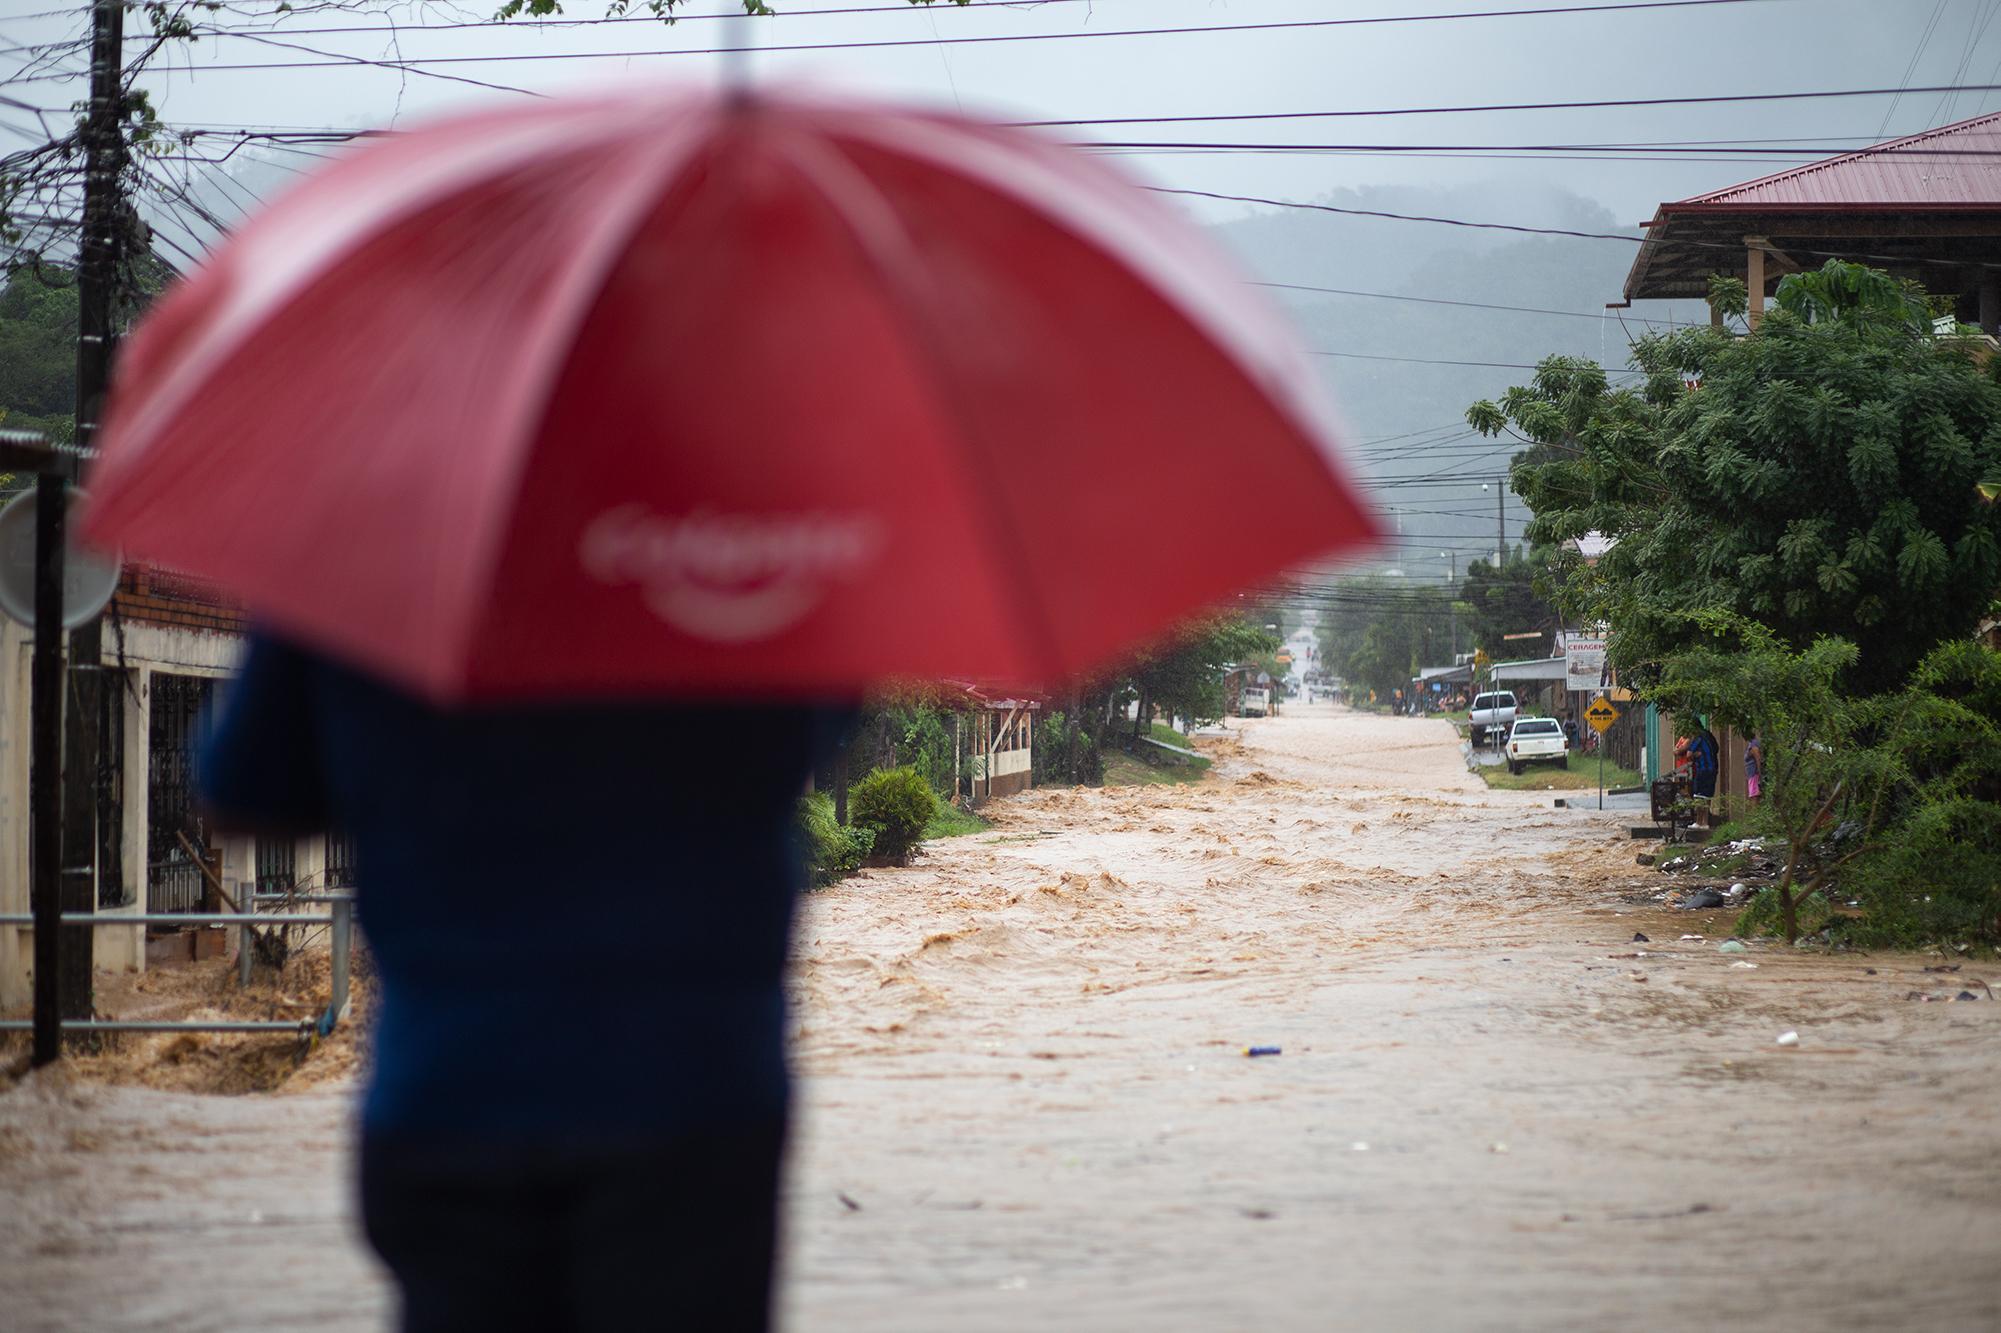 En la colonia Rigoberto Delgado Mangandy, las lluvias han provocado que muchas de sus calles se inunden, cortando el acceso hacia algunas zonas aledañas. El Progreso, Yoro, 17 de noviembre de 2020. Foto: Martín Cálix.